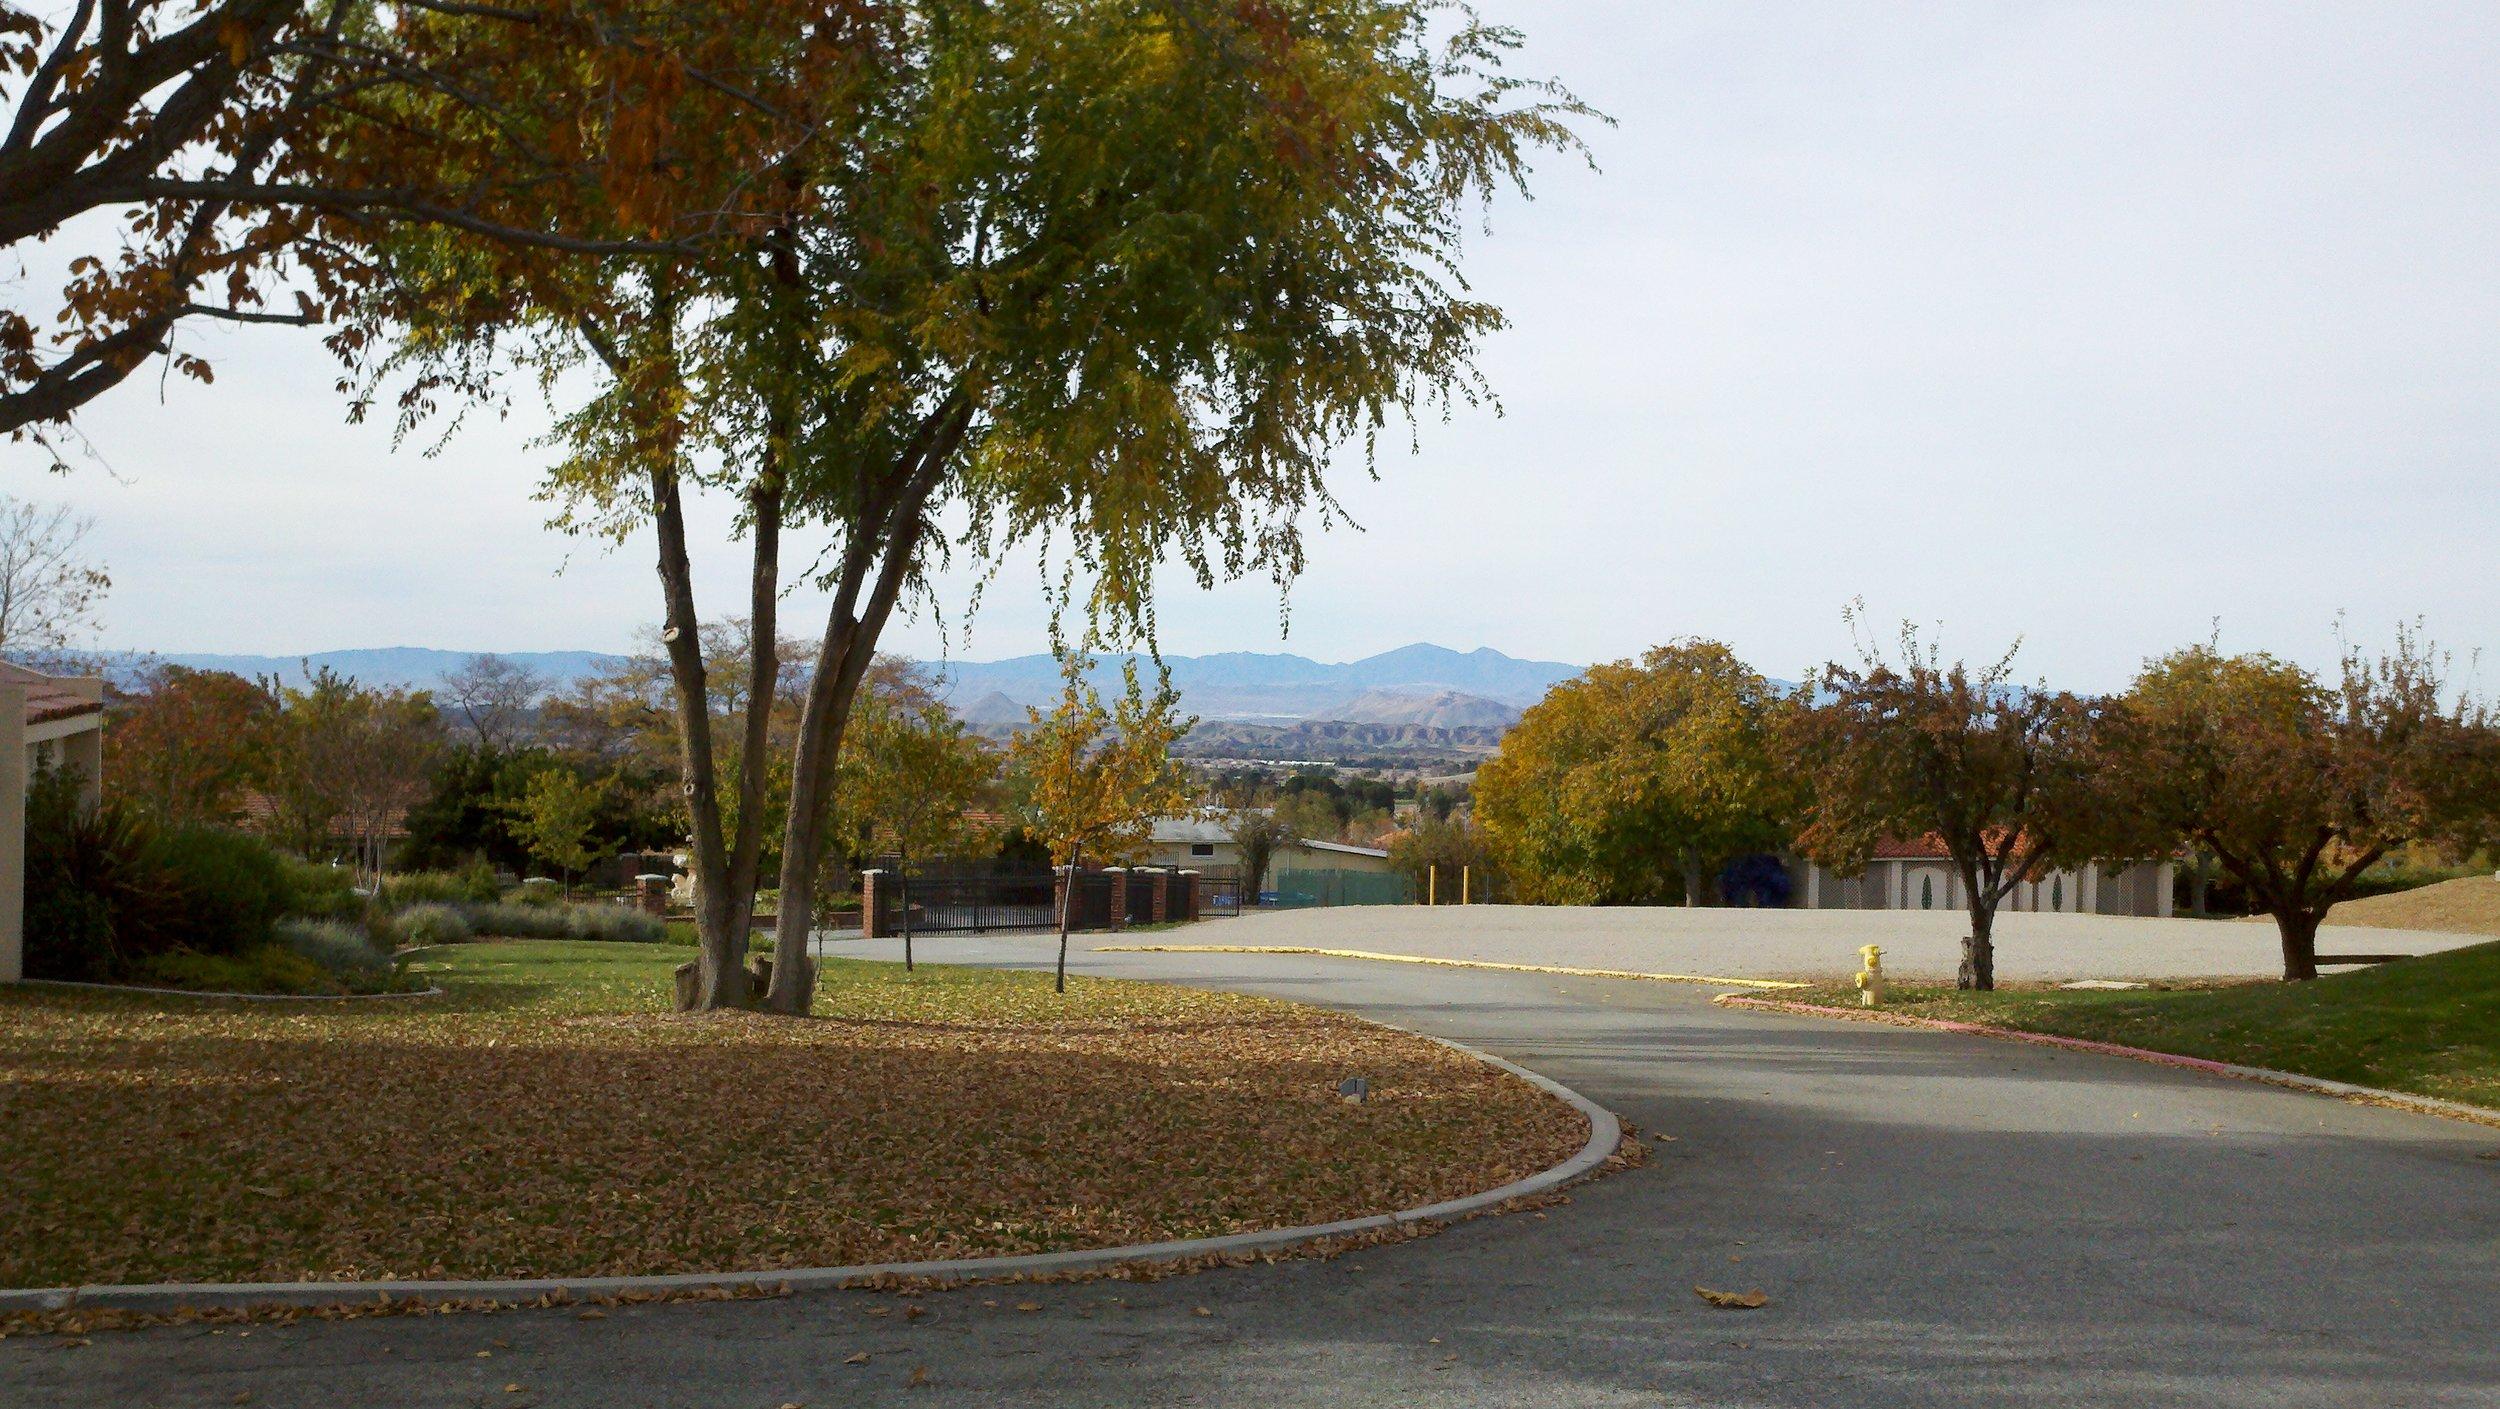 2011-11-28_09-49-29_826.jpg